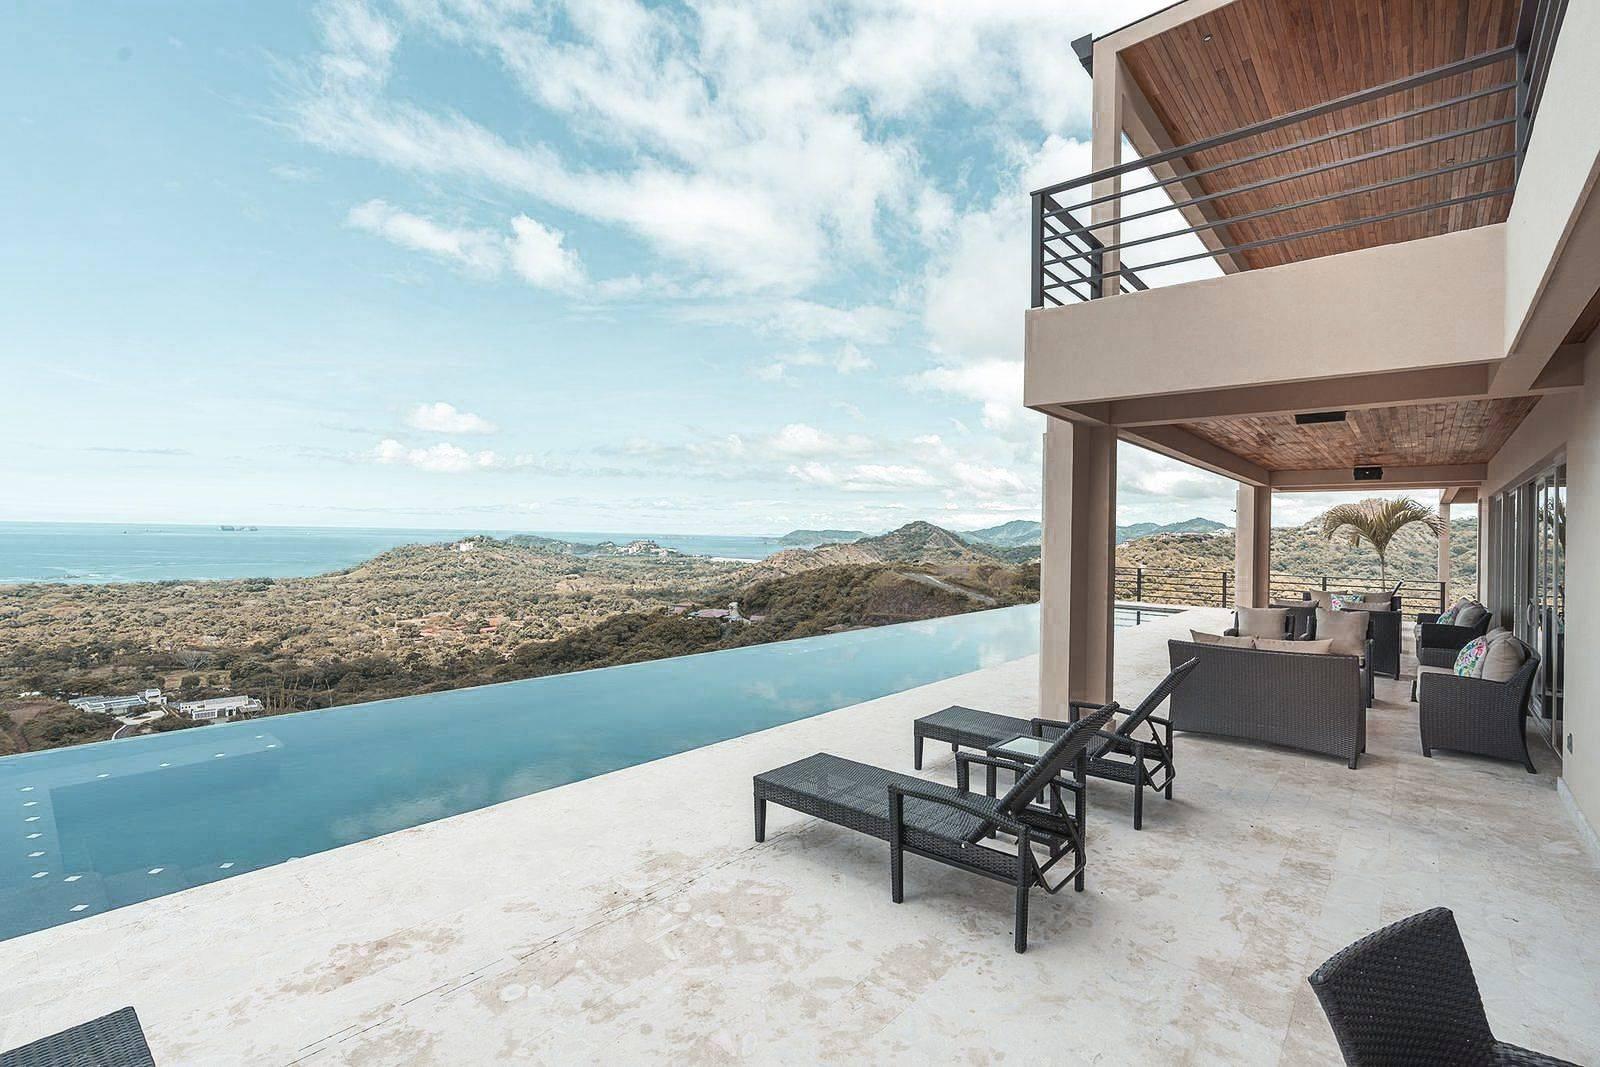 Casa Vista del Rey vacation rentals in Playa Flamingo Costa Rica